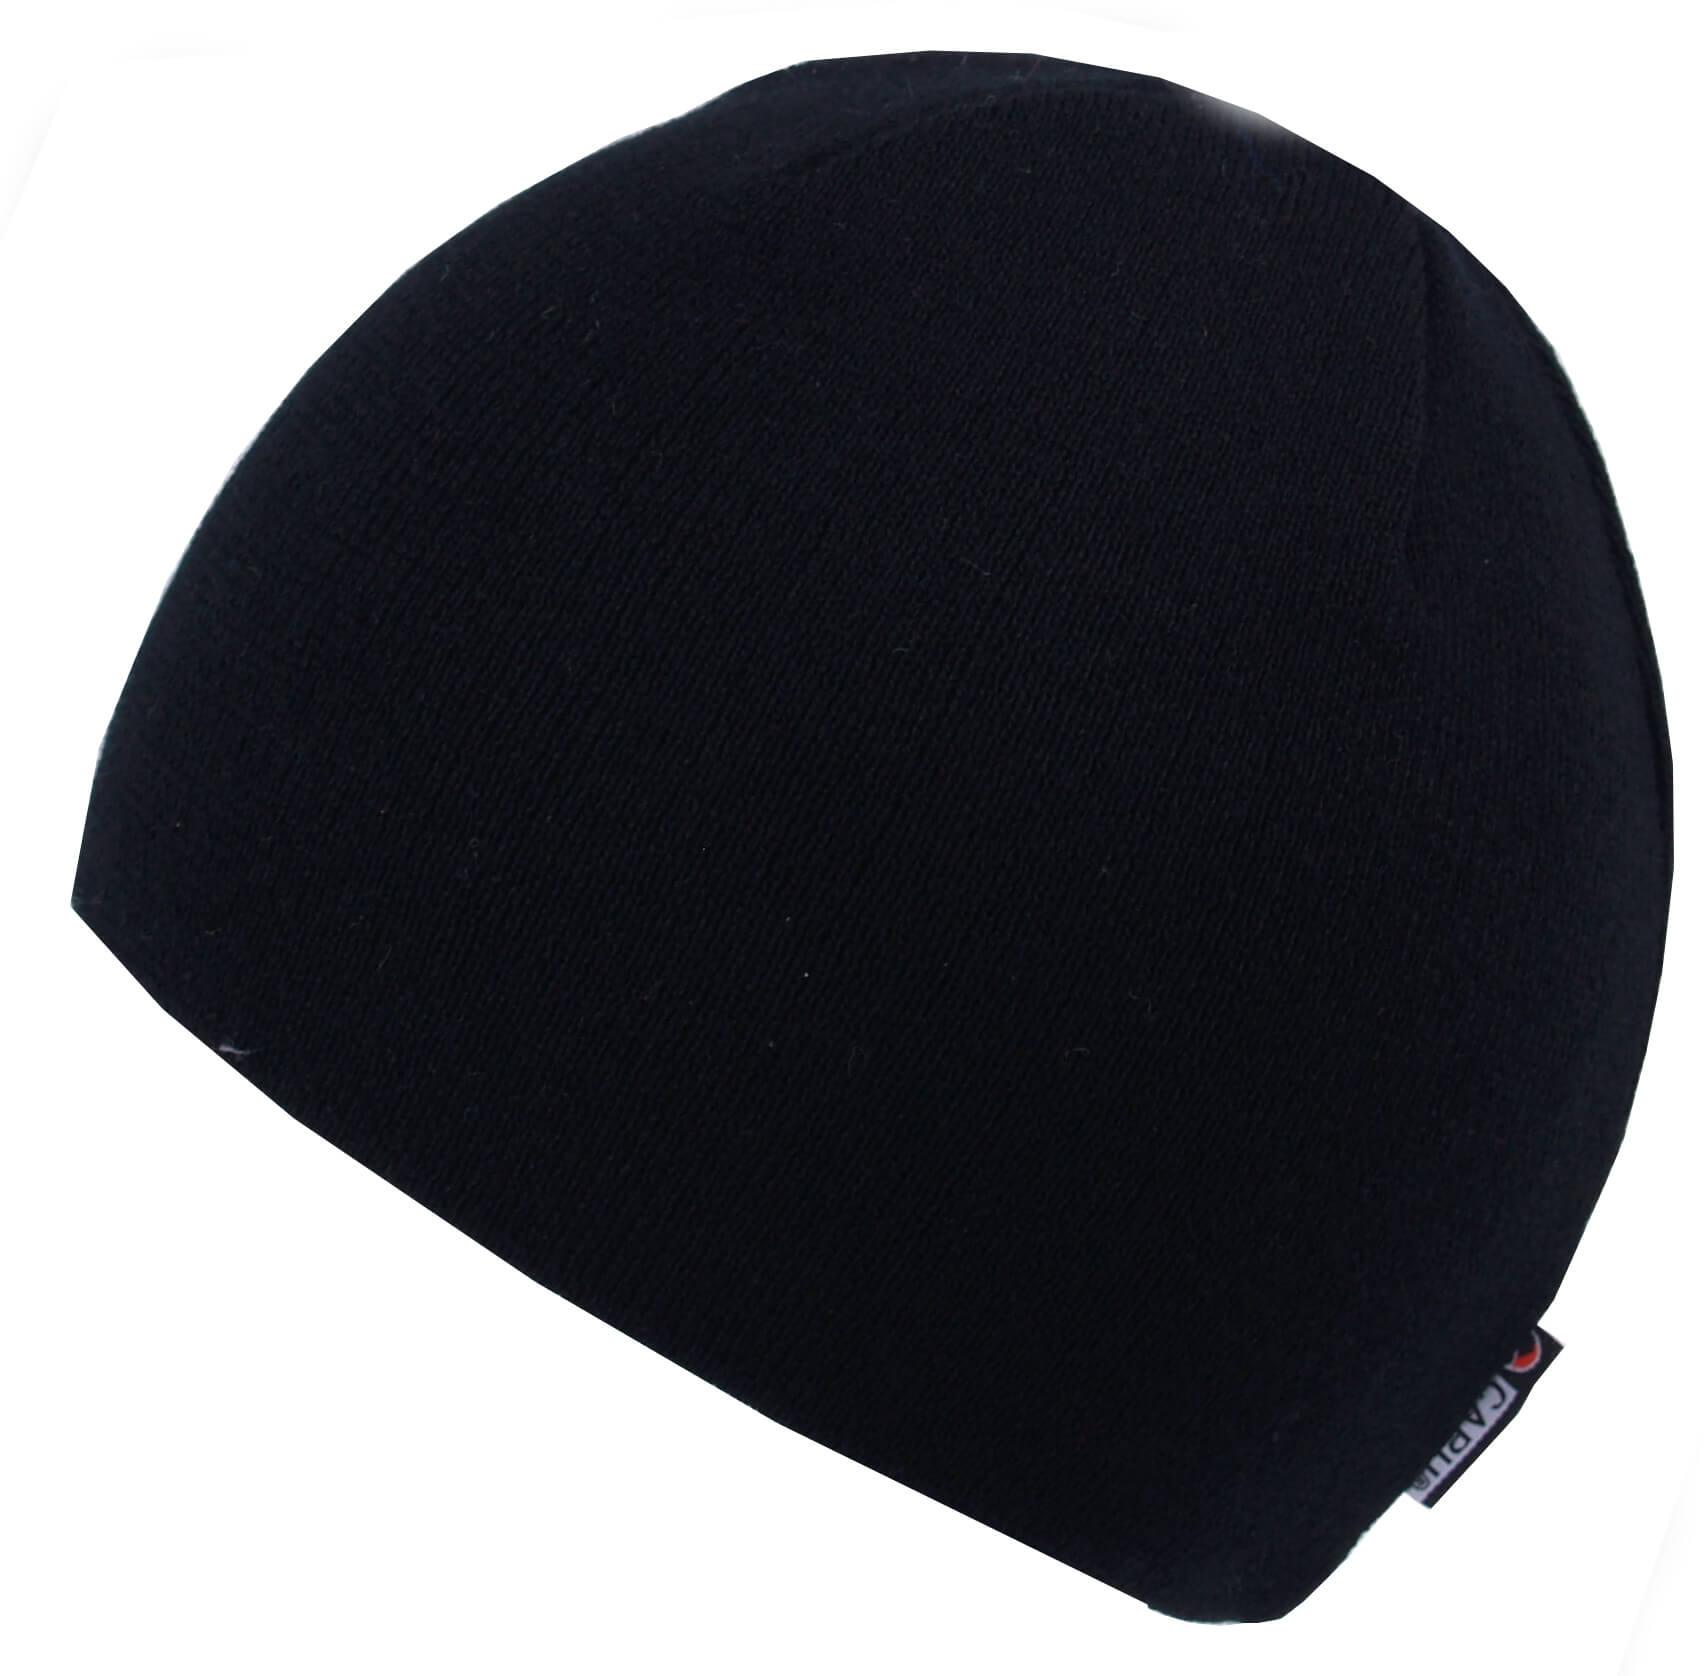 CAPU Téli sapka 1653-B Black  6b36d93be7